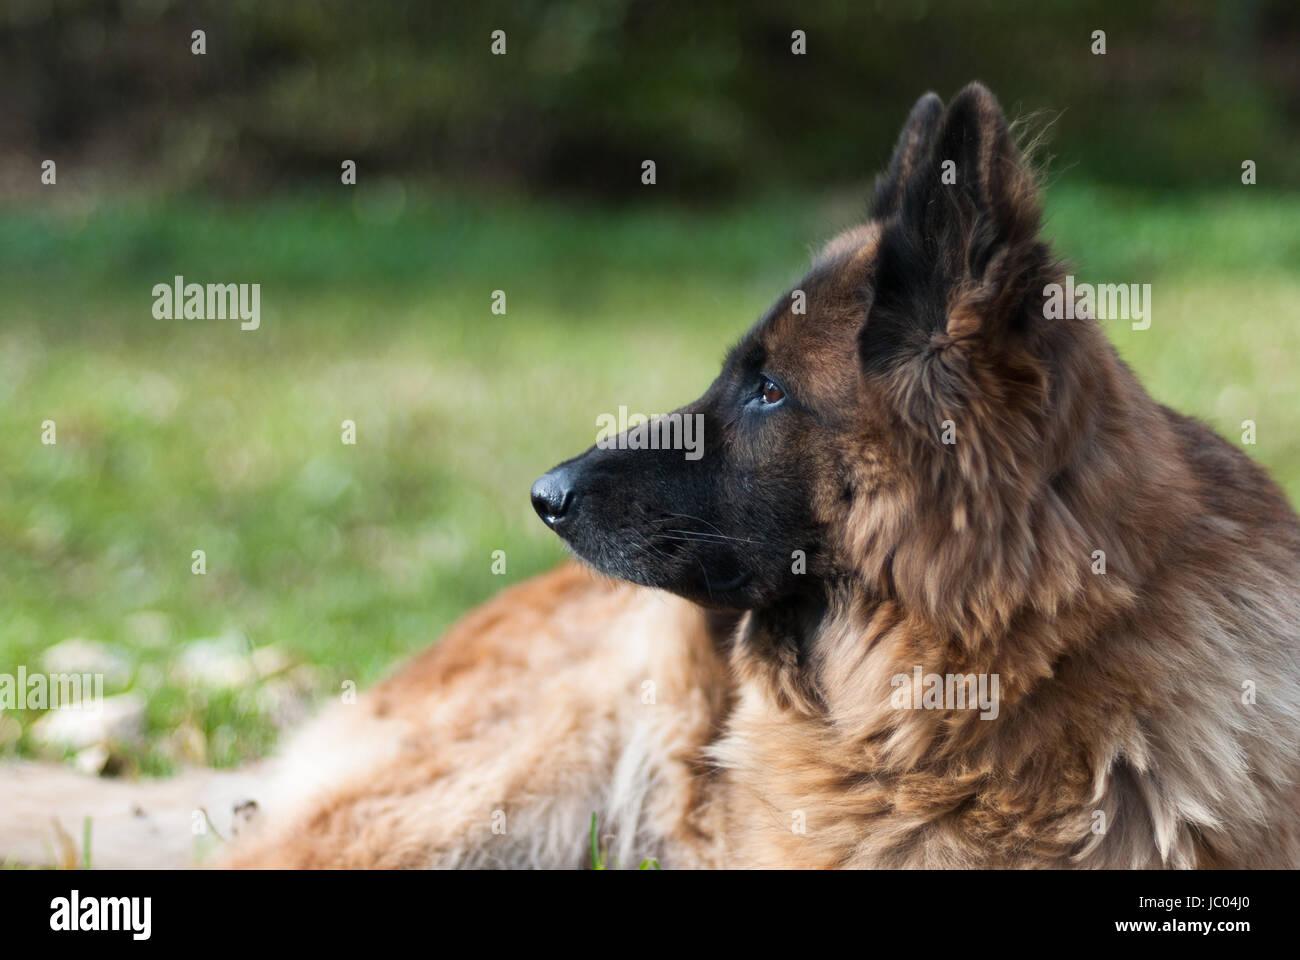 German shepherd dog, Alsatian - Stock Image